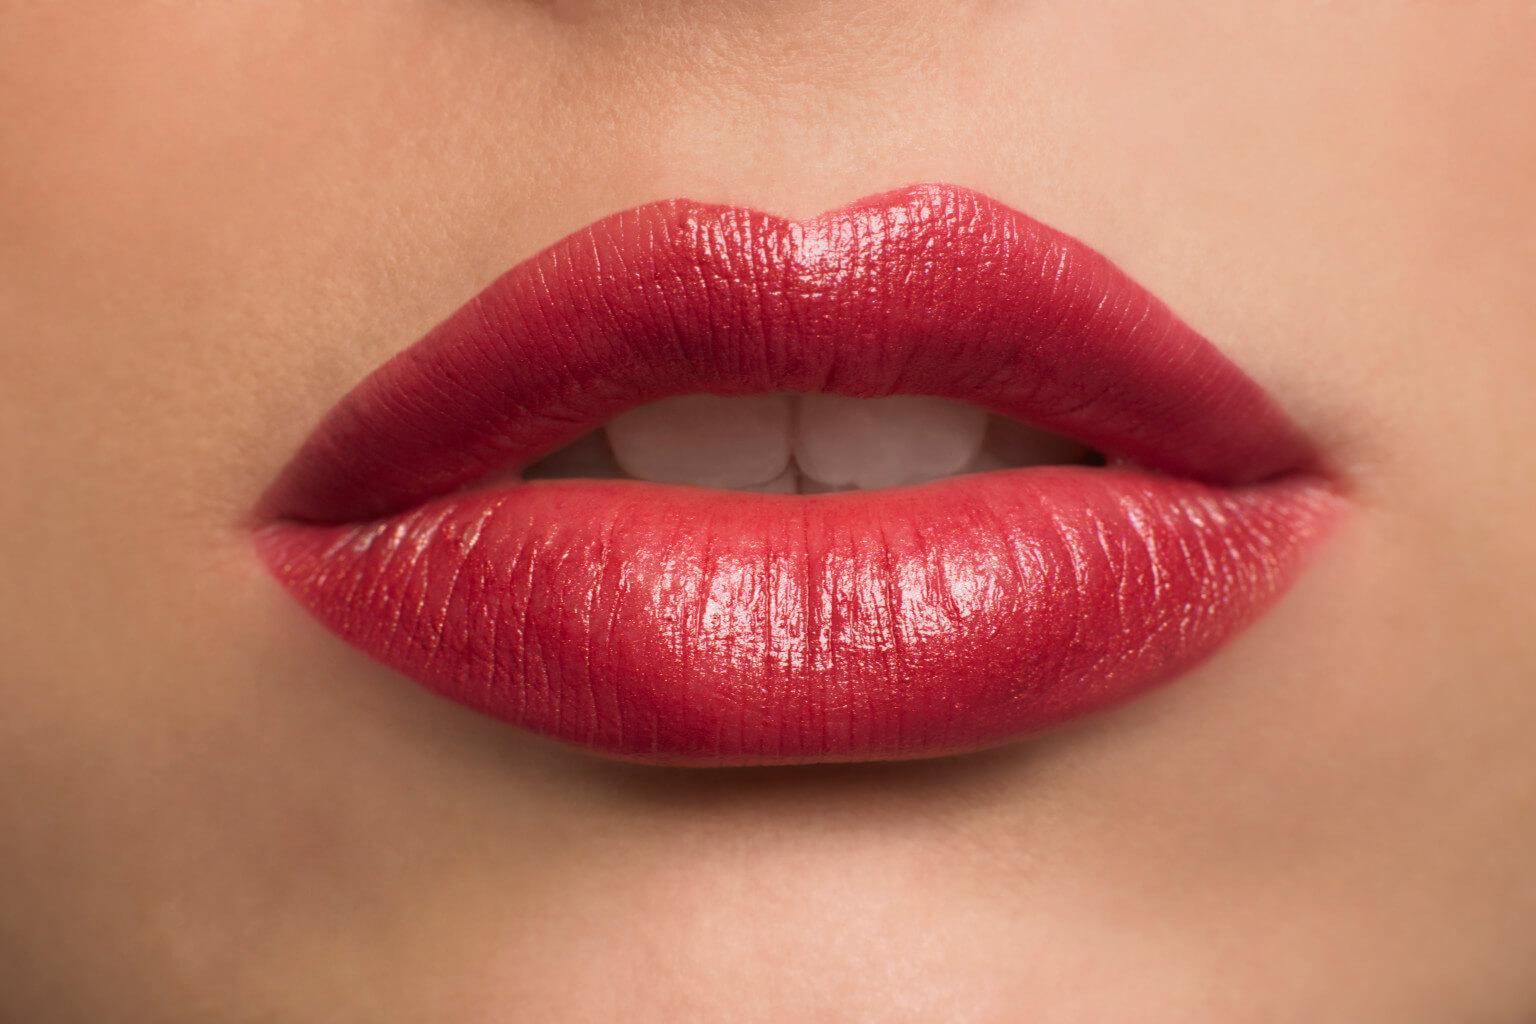 Каникулы прикольные, картинки с красивыми губами